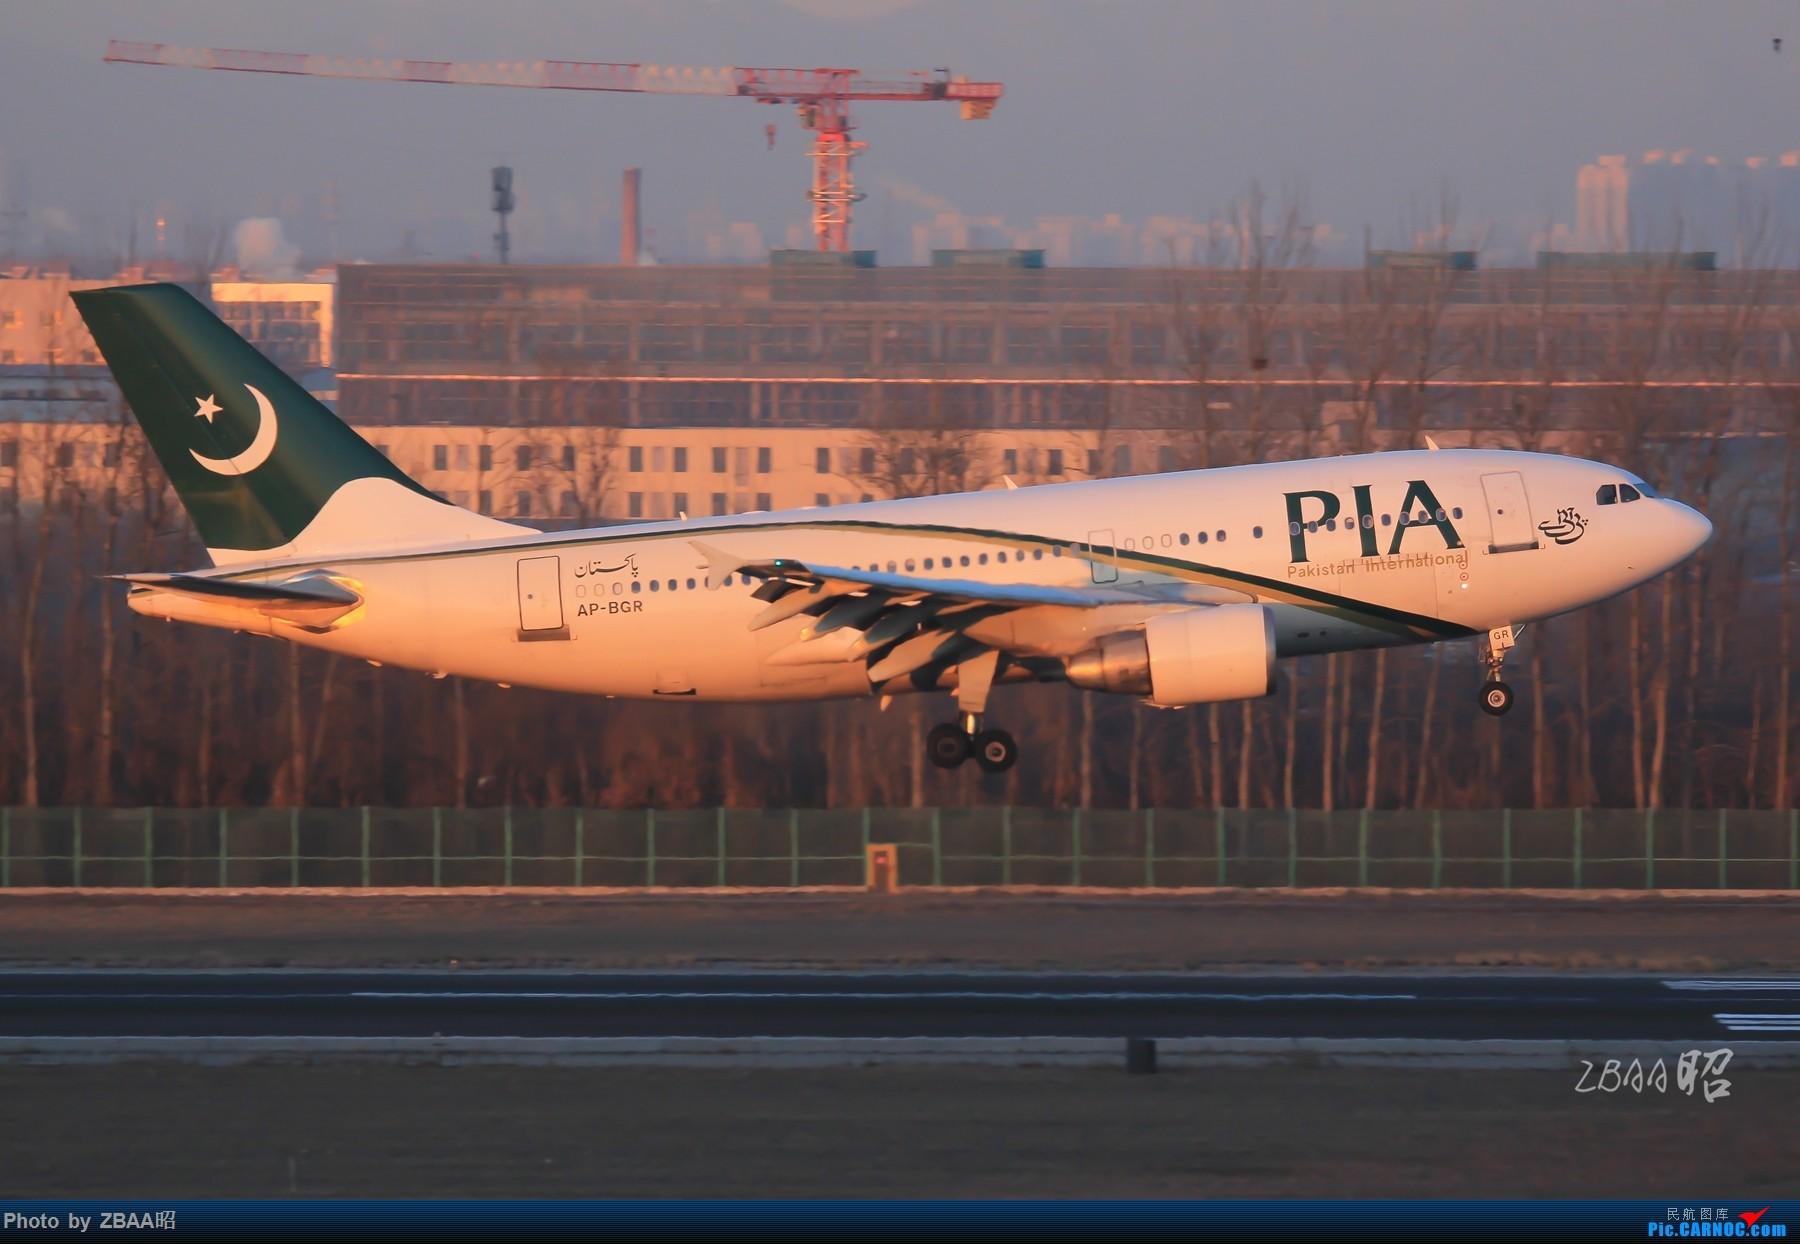 Re:[原创]飞友聚会后的独自疯狂,格林豪泰隔天怒打ZBAA 36L跑道,夜拍海航宽体机,寒风中坚守楼顶阵地 AIRBUS A310 AP-BGR 中国北京首都国际机场